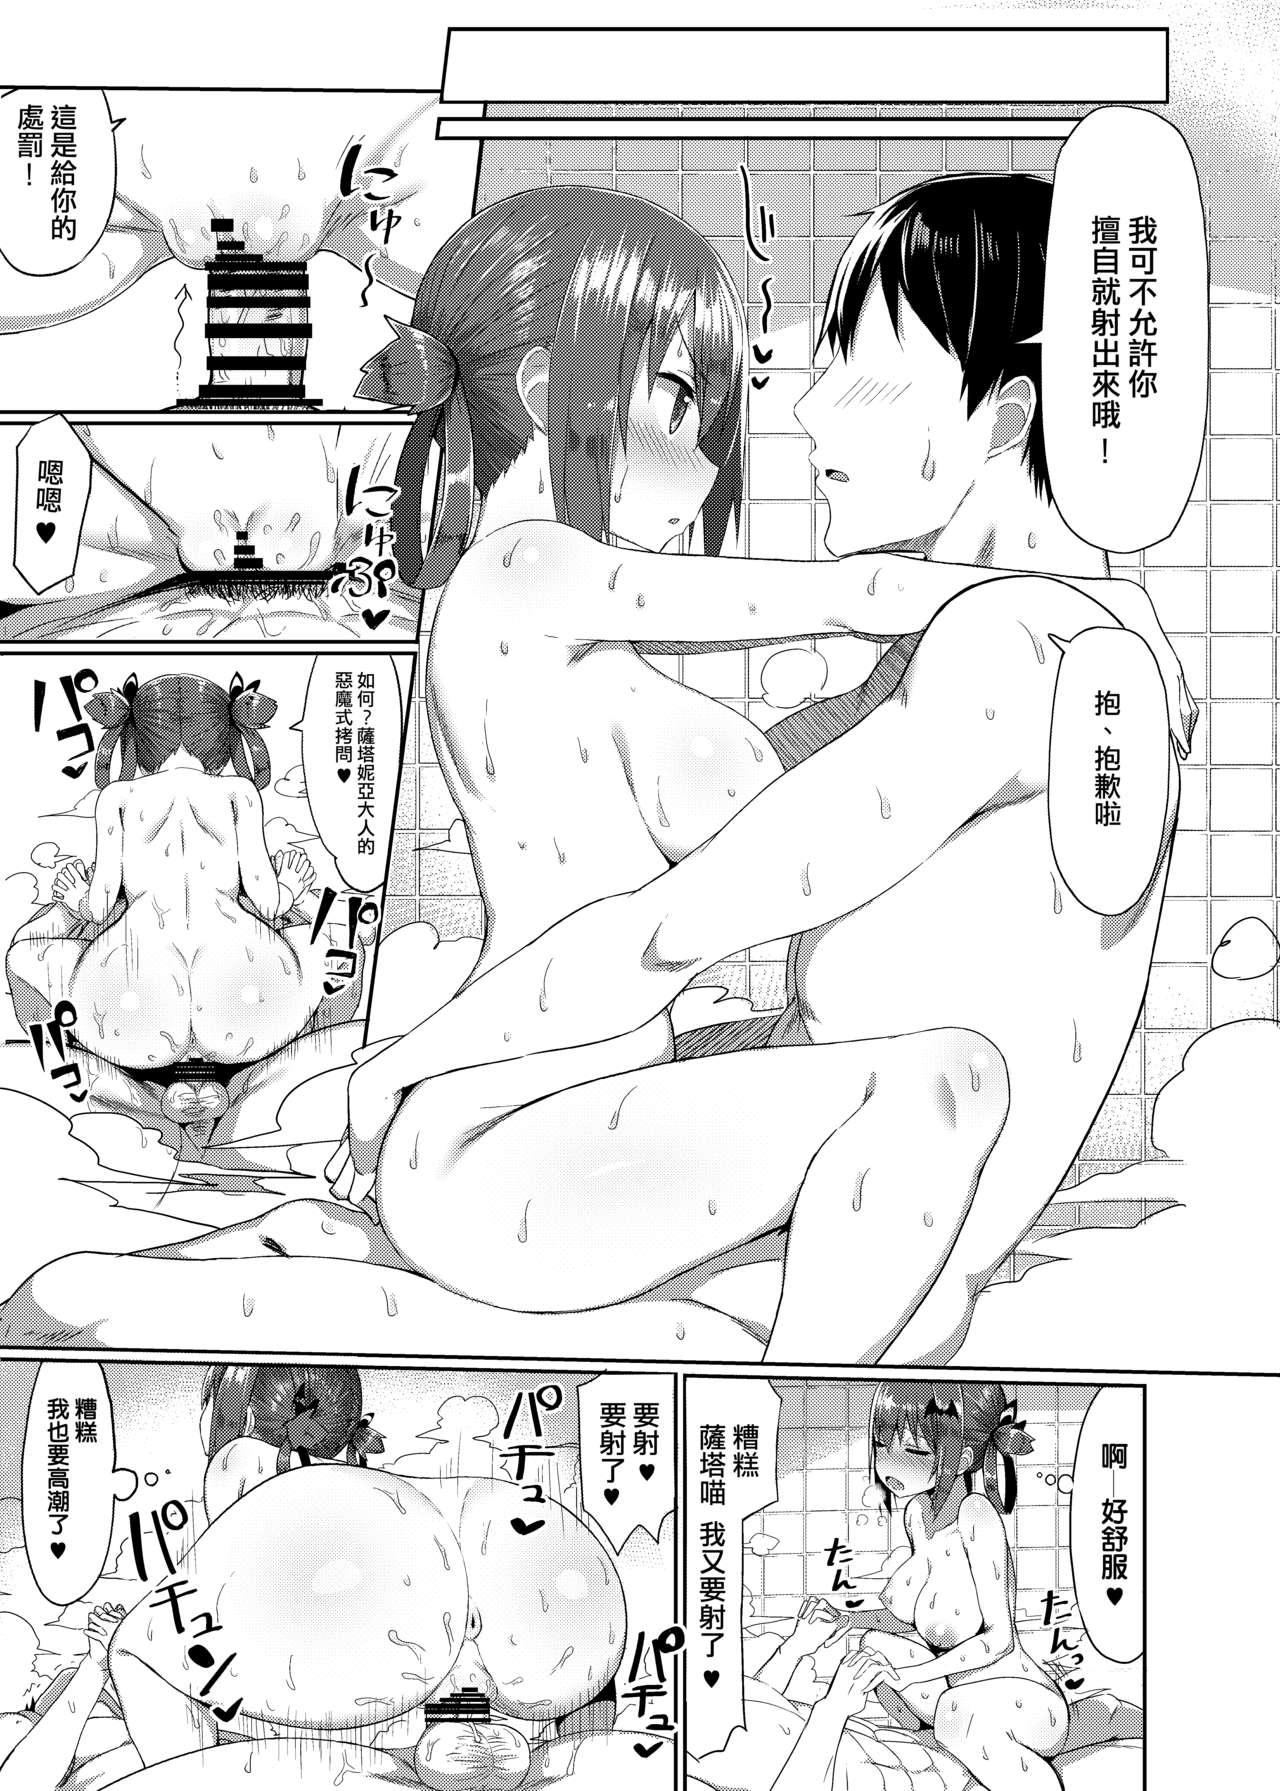 Koisuru Dai Akuma 17